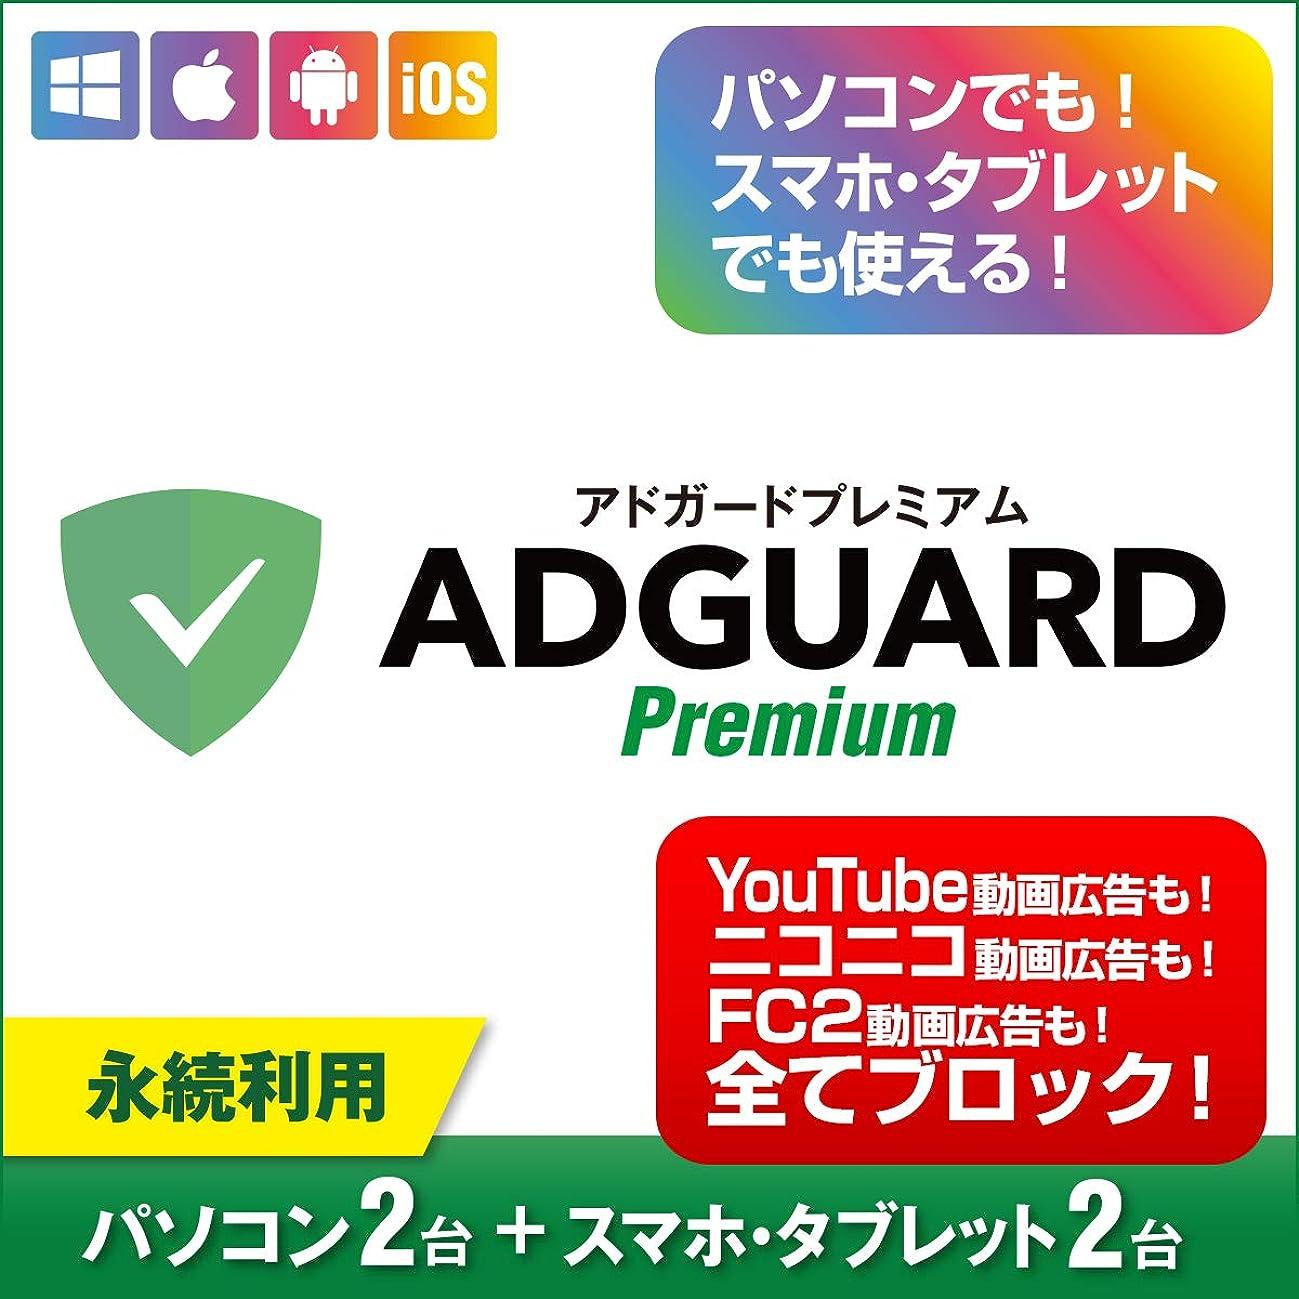 自信があるまた明日ね九時四十五分AdGuard Premium(アドガードプレミアム) パソコン2台+スマホ?タブレット2台|ダウンロード版